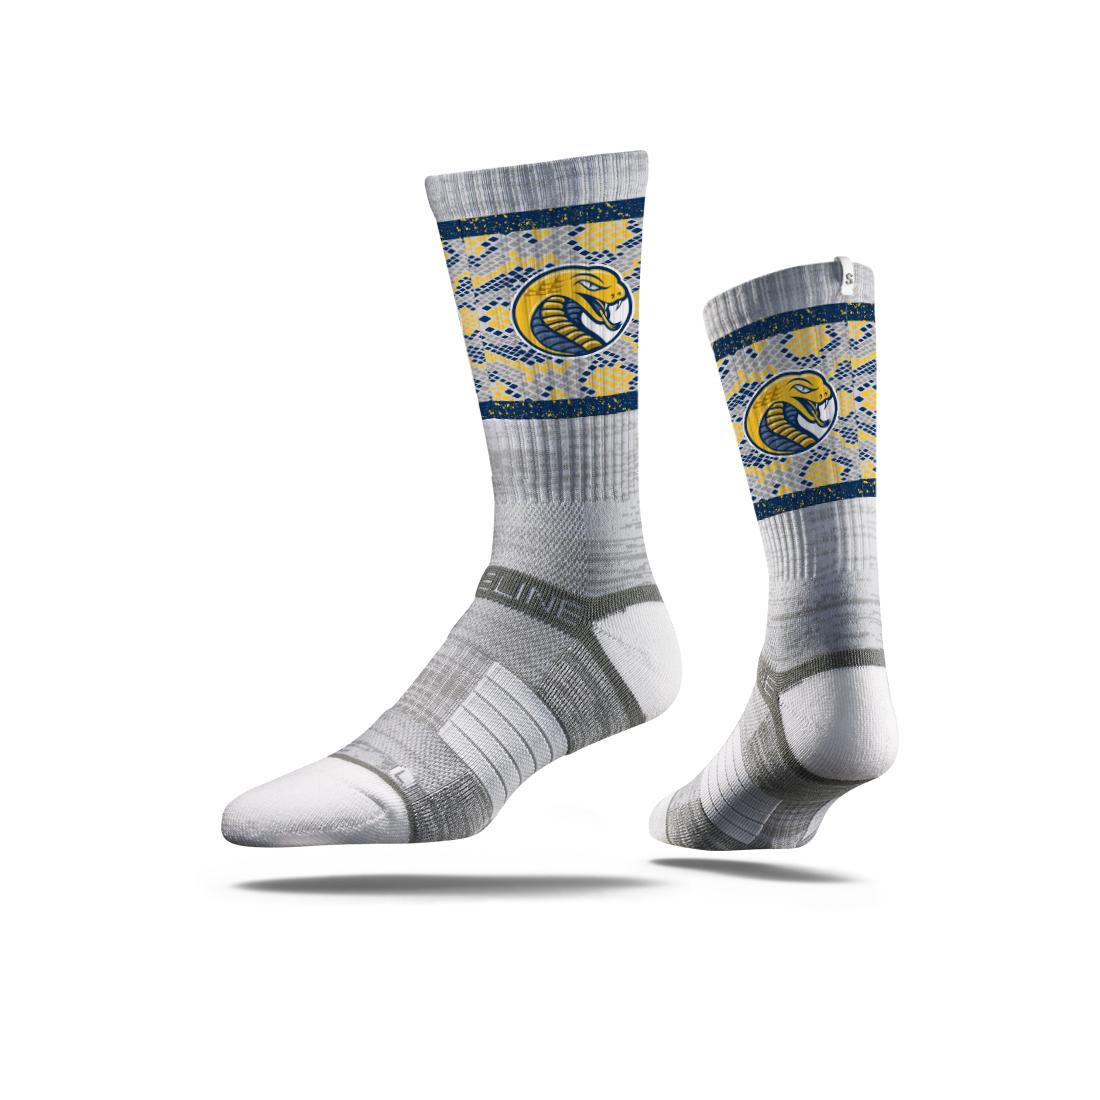 Socks GREY STRIDELINE SOCKS